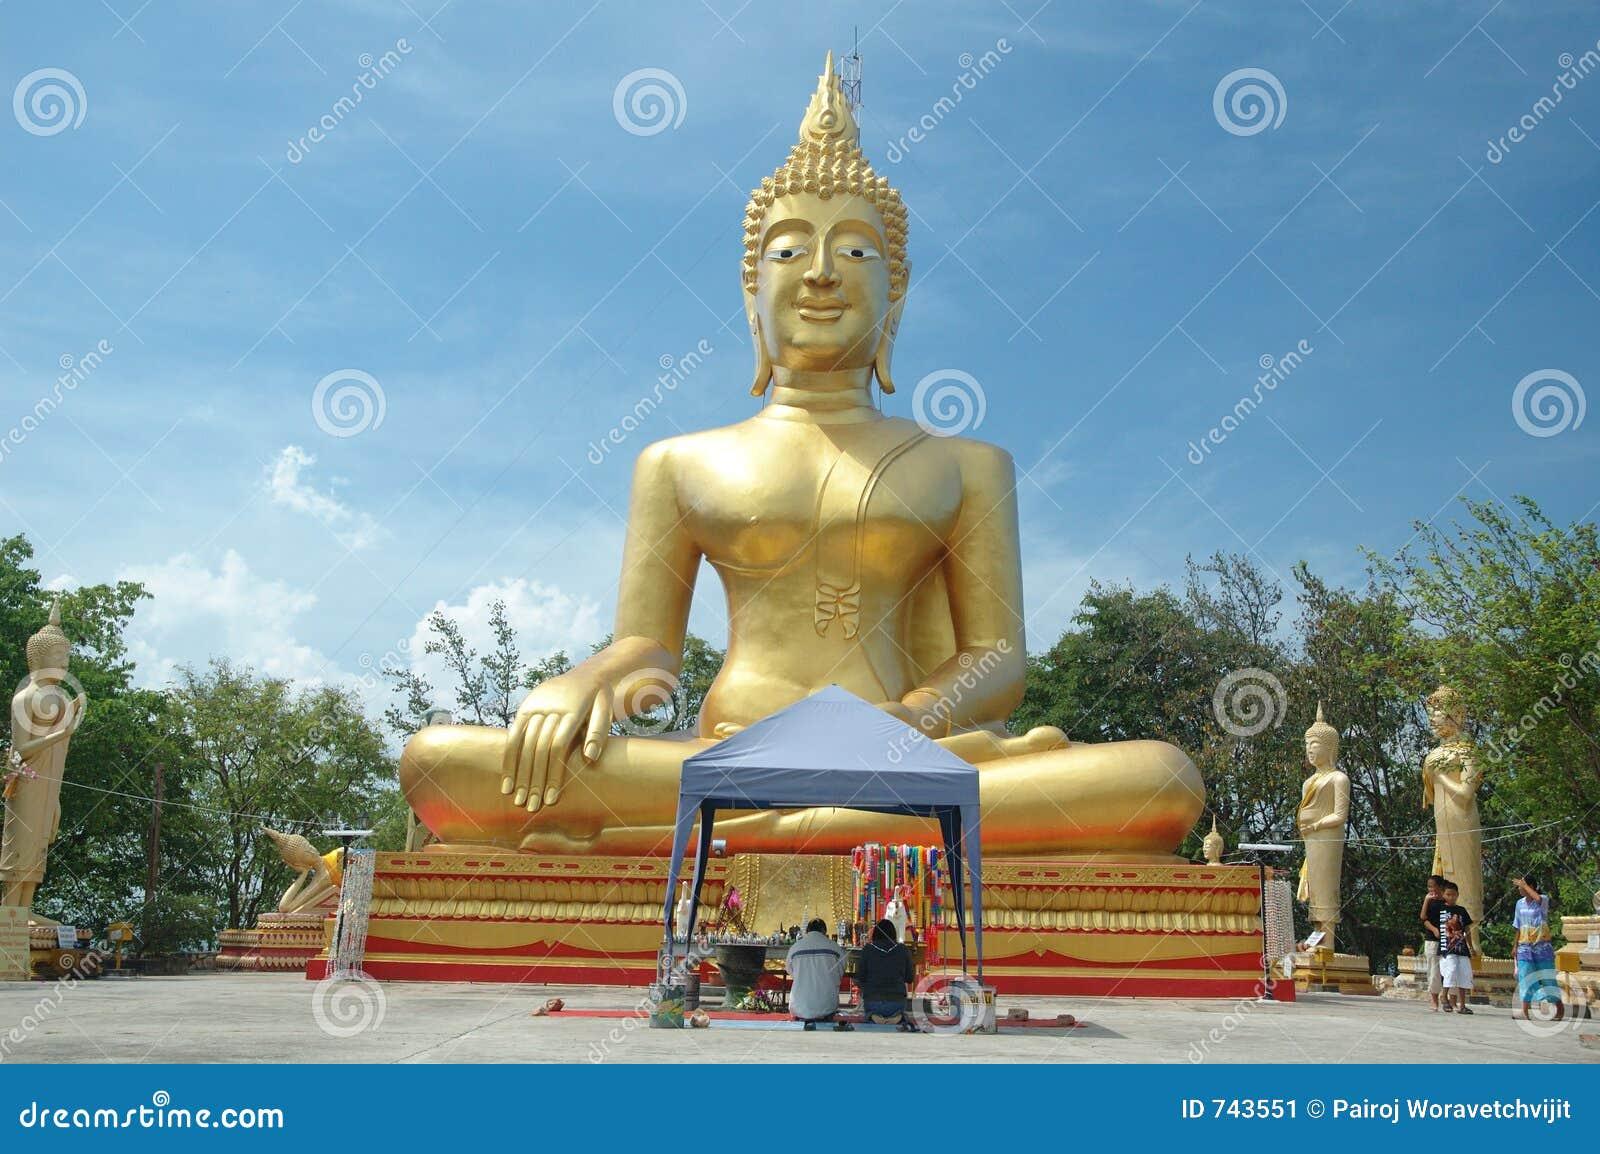 Grand buddha1